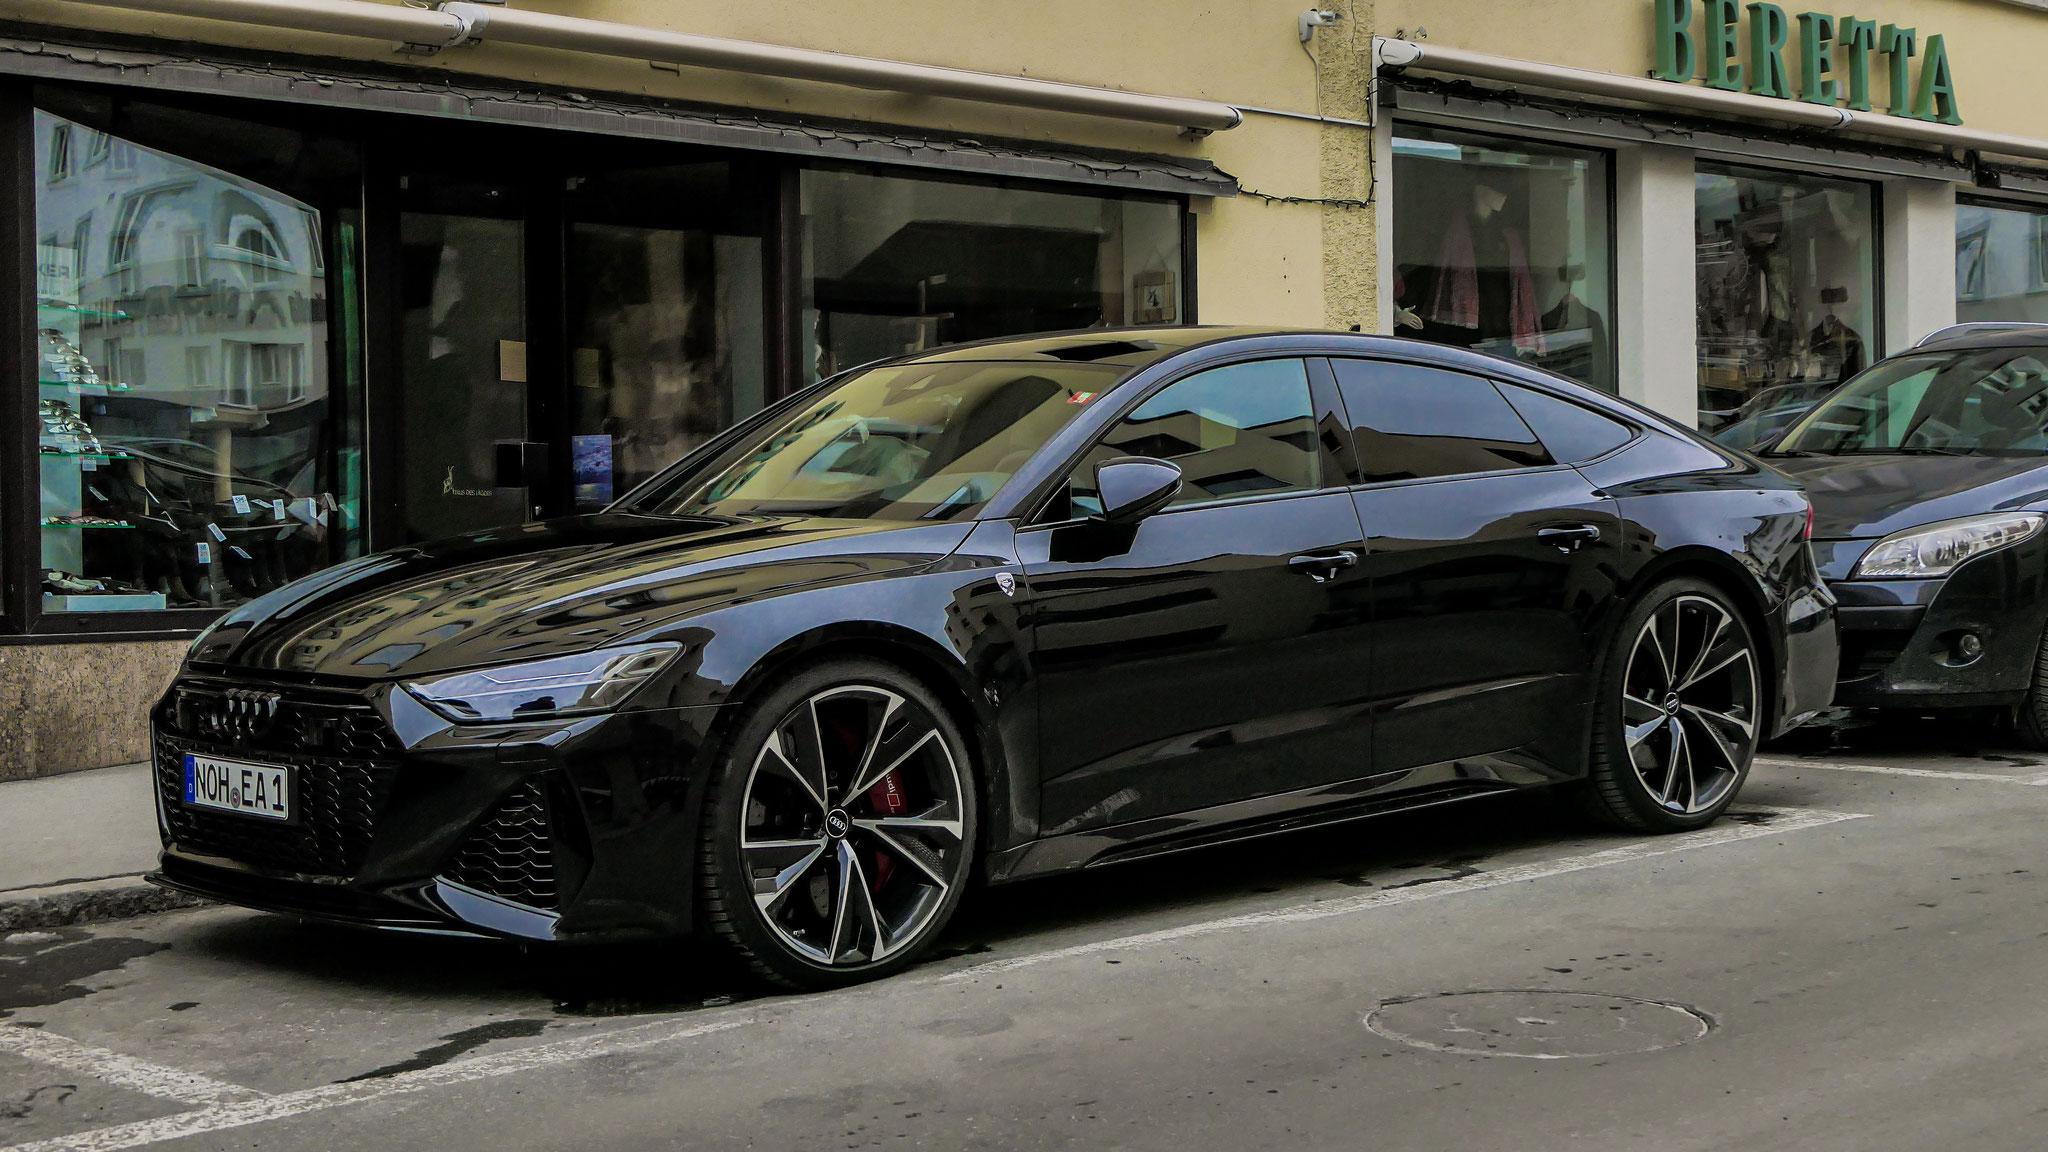 Audi RS7 - NOH-EA-1